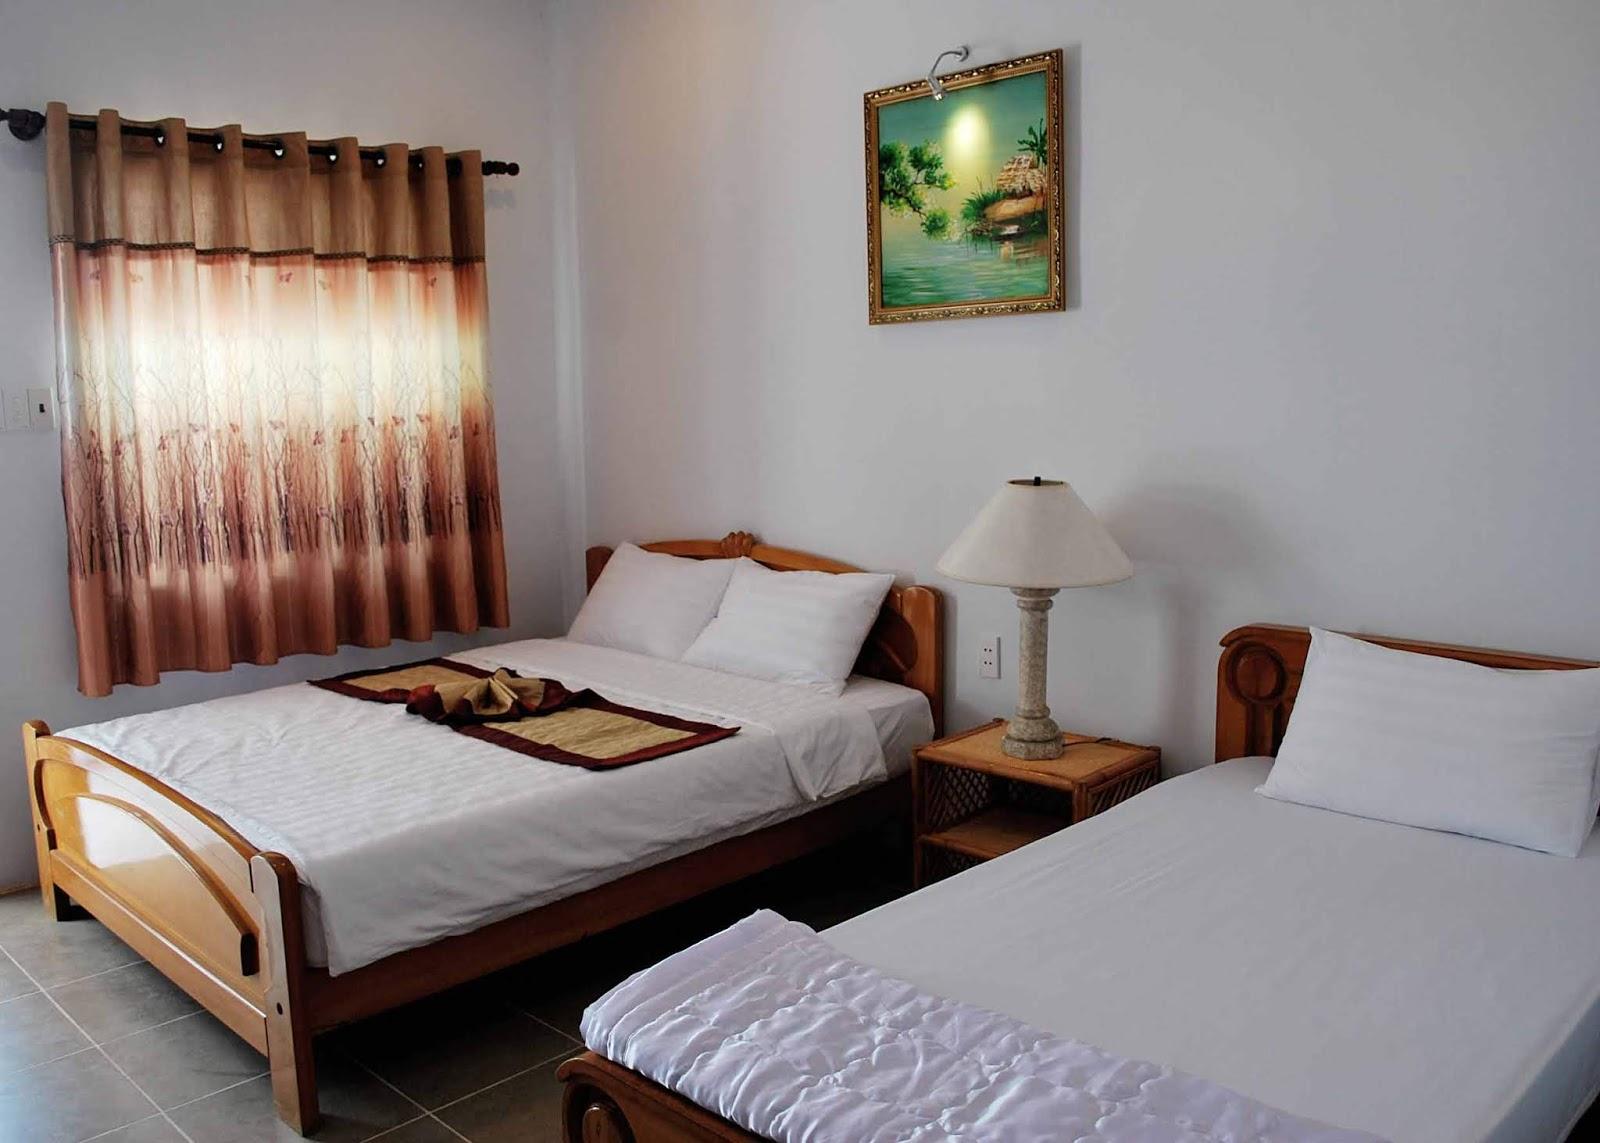 10 khách sạn Côn Đảo giá rẻ, gần biển, đẹp không lo hết phòng